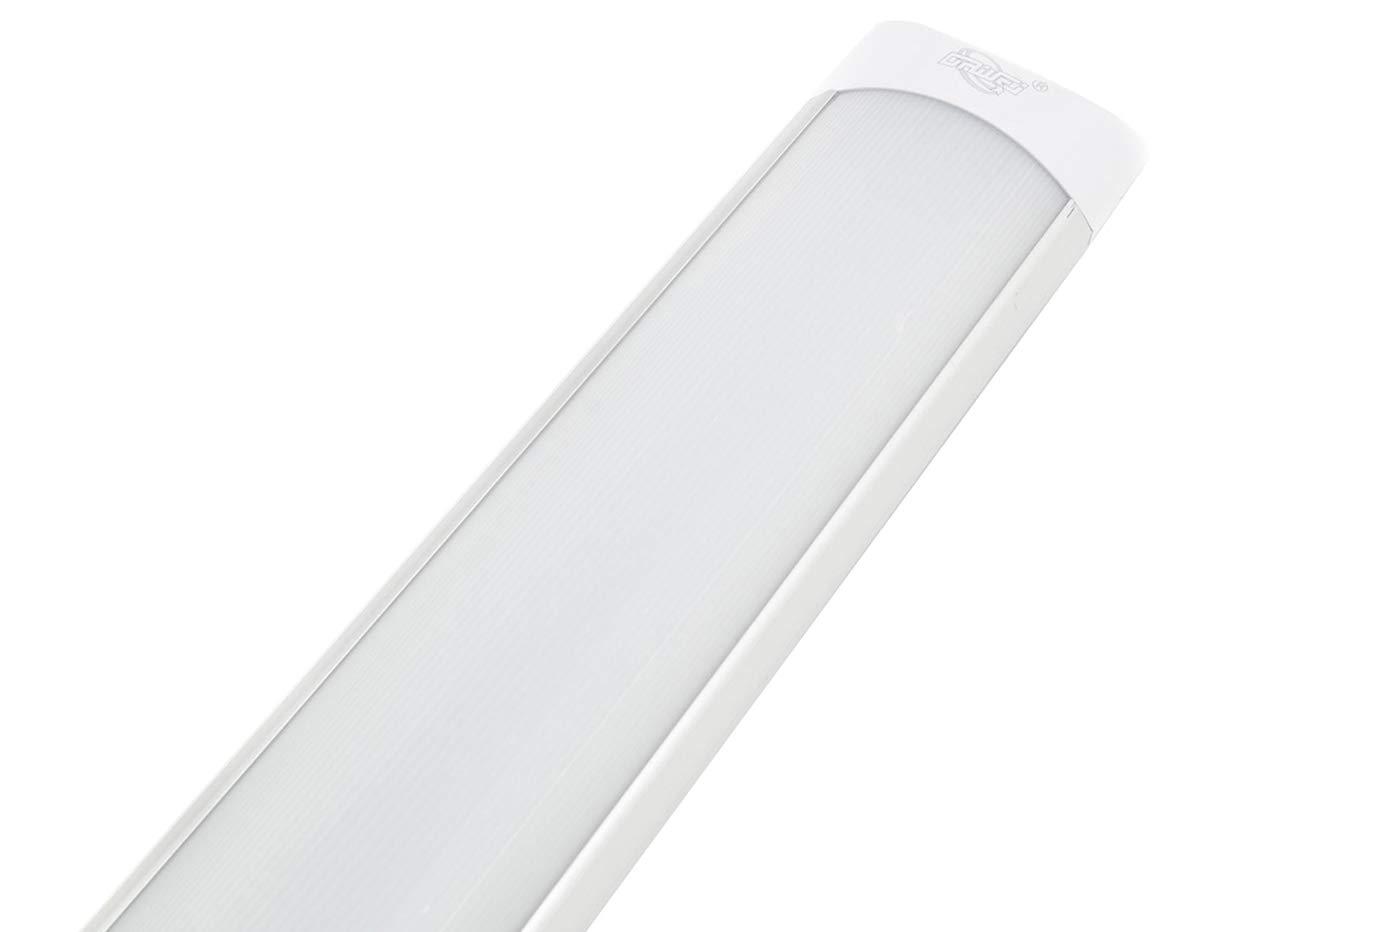 PLAFONIERA LED 40W WATT LUCE FREDDA 120CM SLIM SMD SOFFITTO 220V LAMPADA SILVER